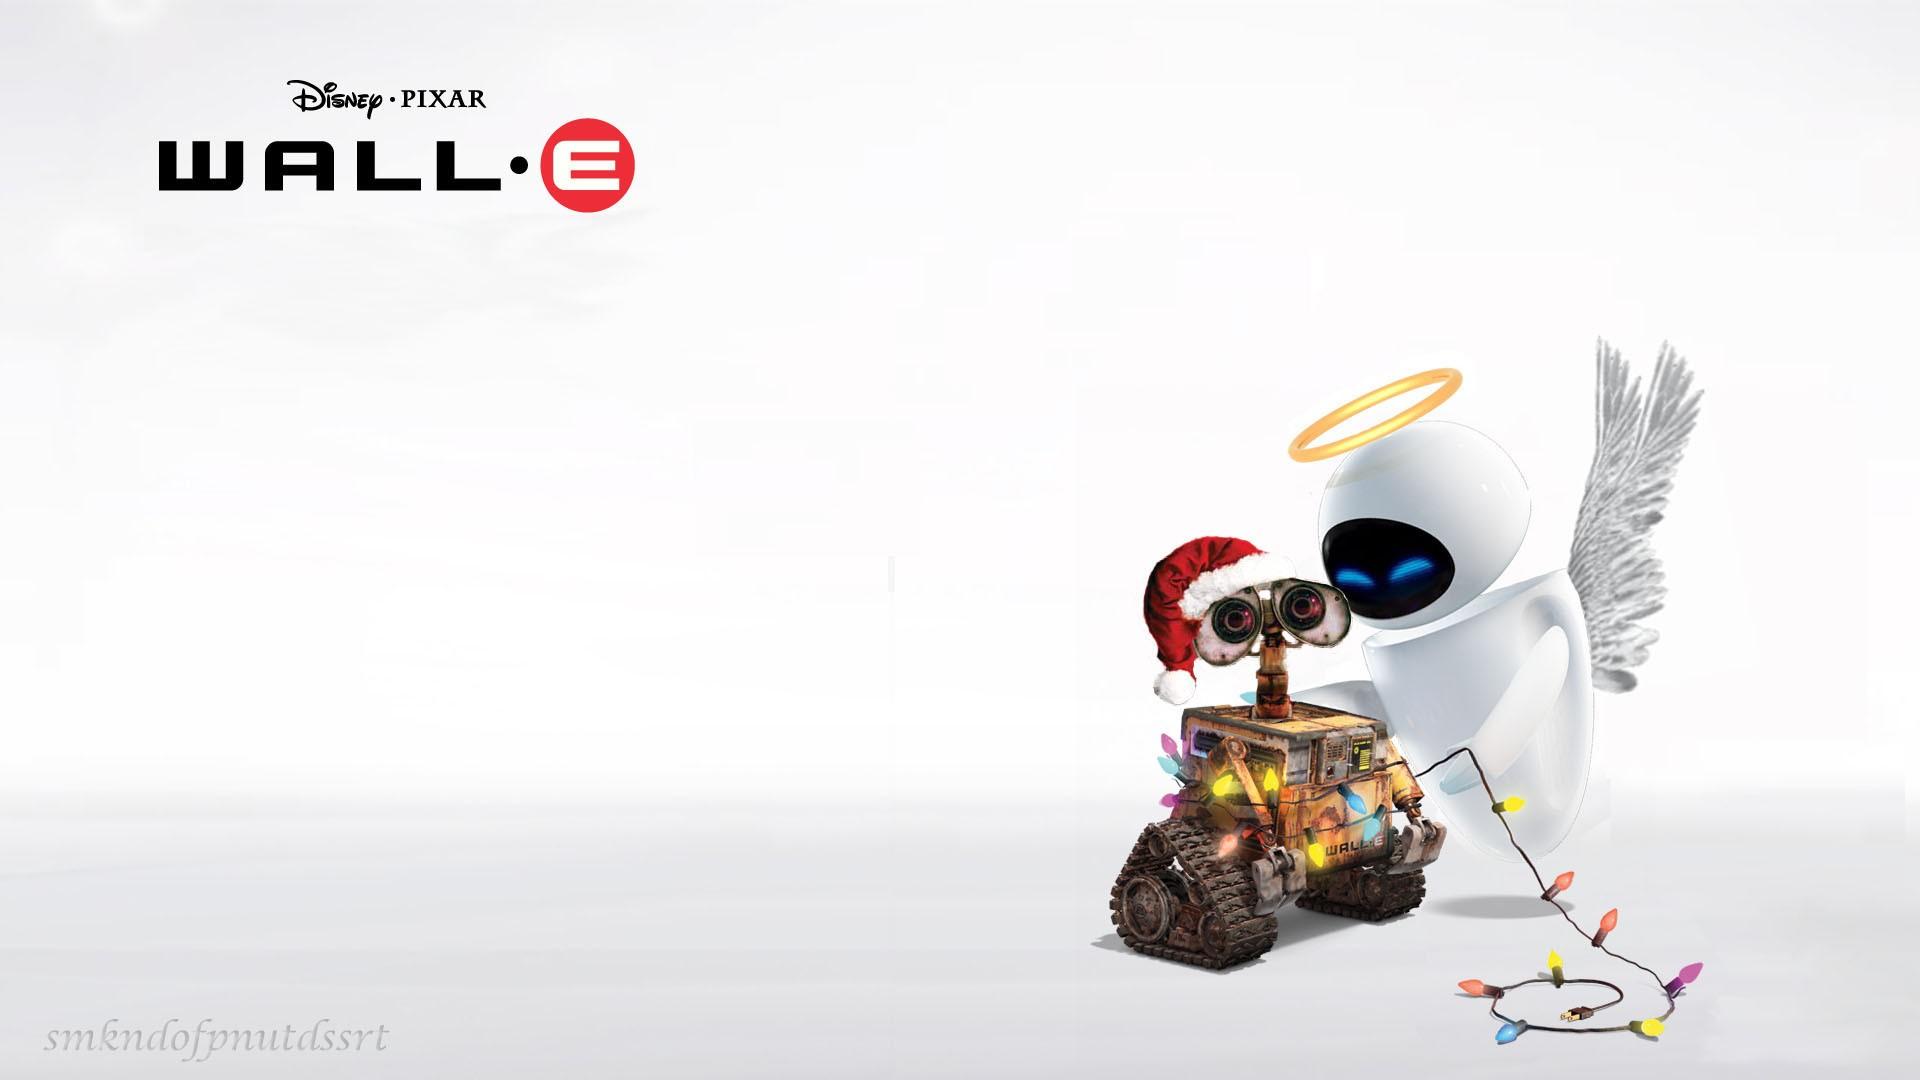 обои кино стена E игрушка анимационные фильмы машина